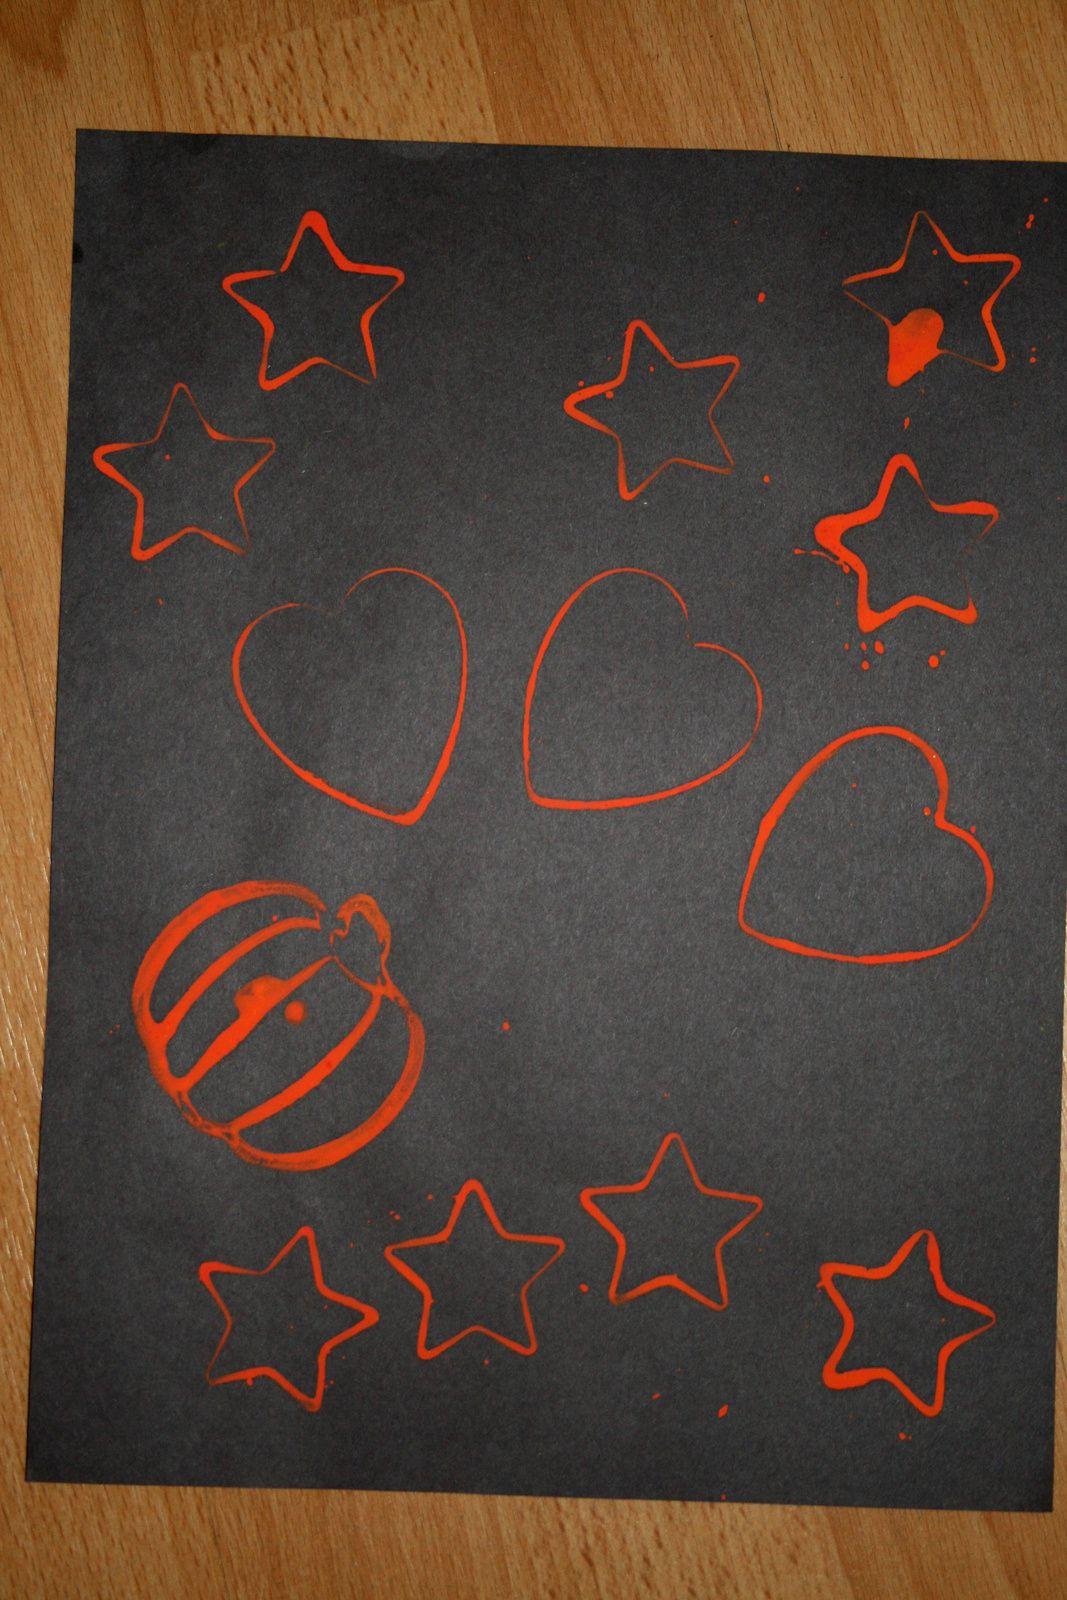 Diy enfant citrouille hallowenn - enmporte piece peinture sur charlotteblabla blog*